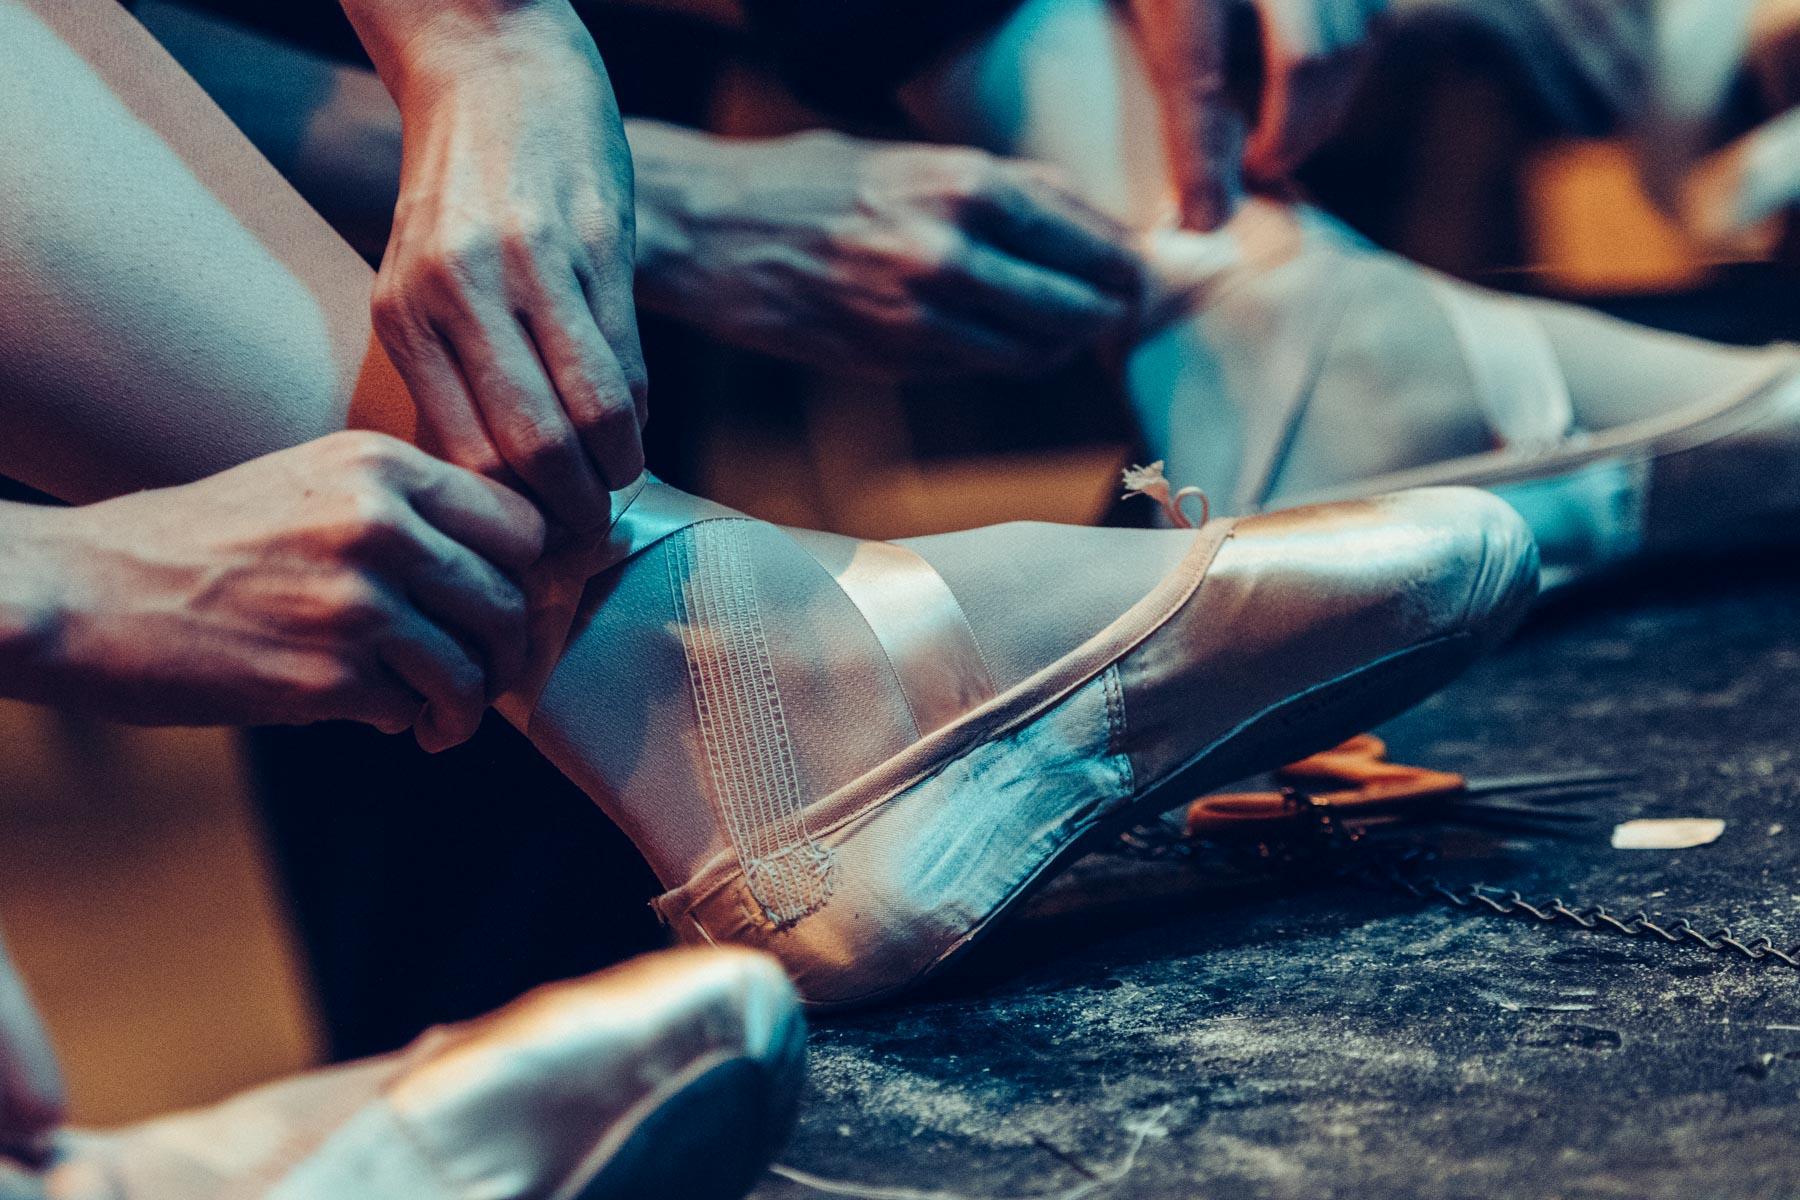 20160423_wsj_ballet-1310.jpg